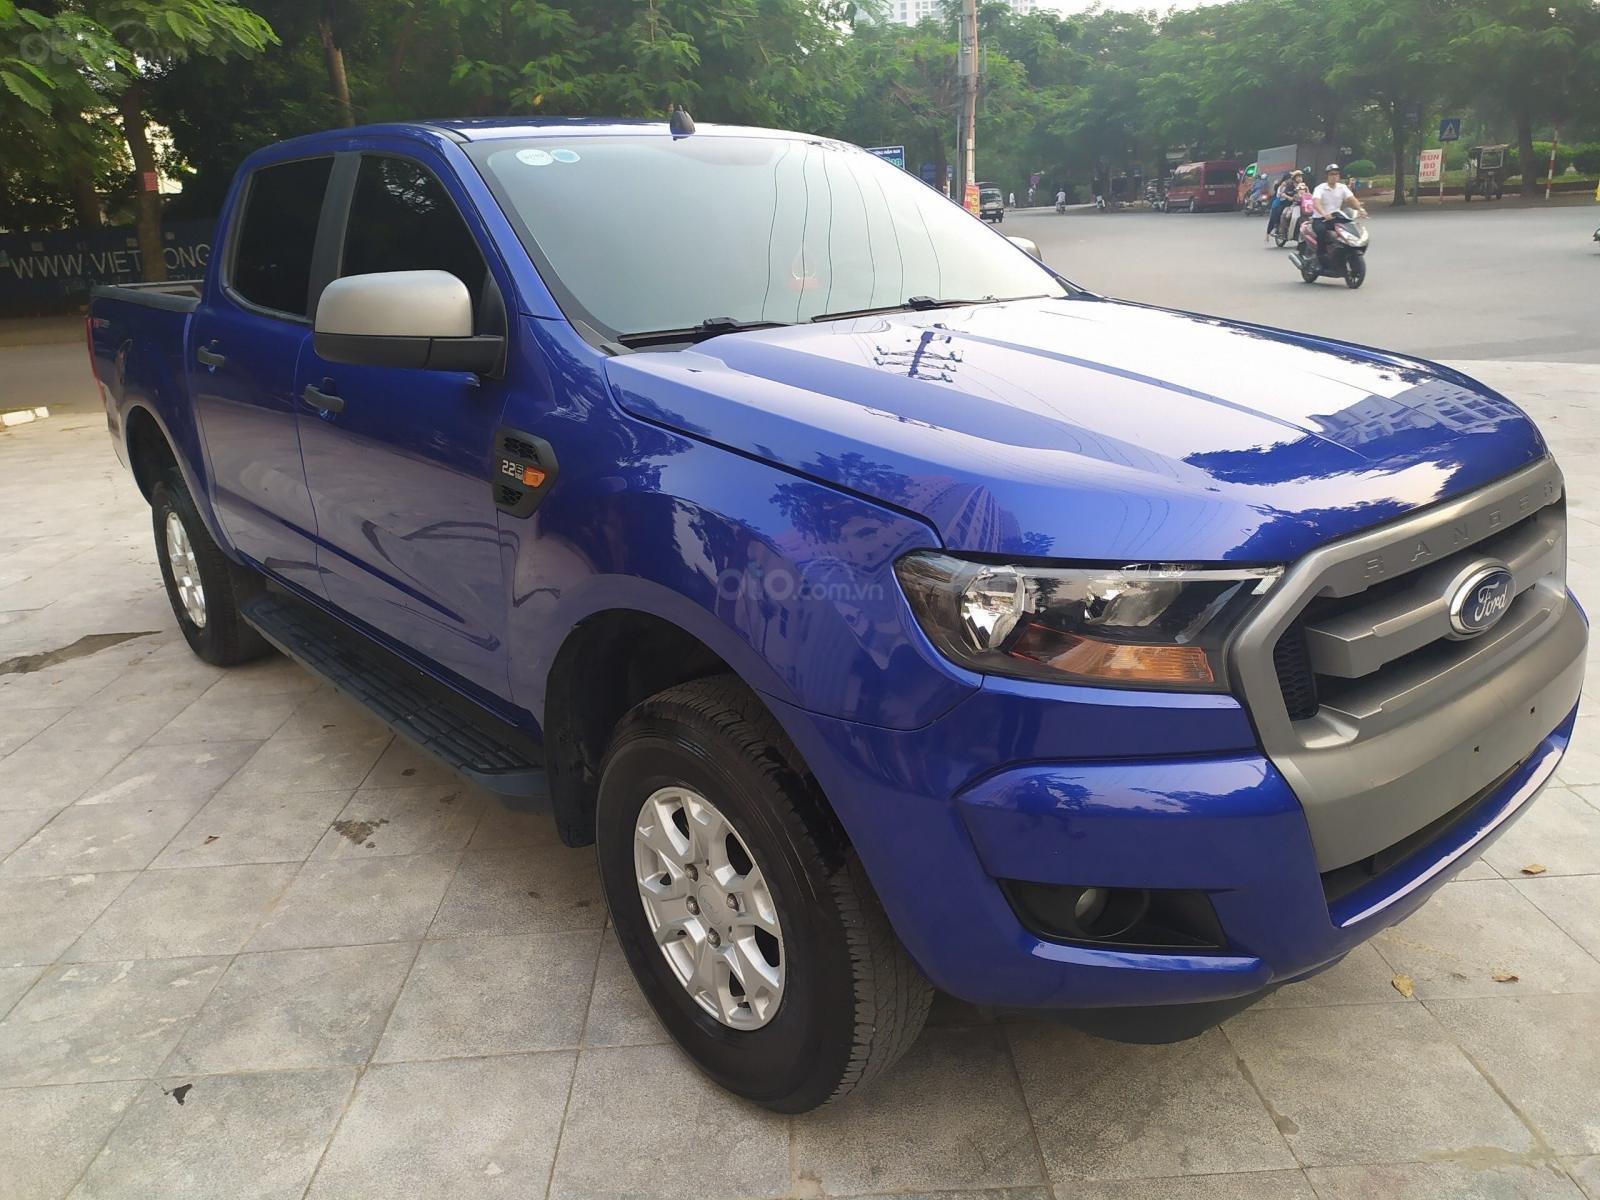 Cần bán xe Ford Ranger năm 2016, màu xanh lam xe nhập giá chỉ 555 triệu đồng (3)